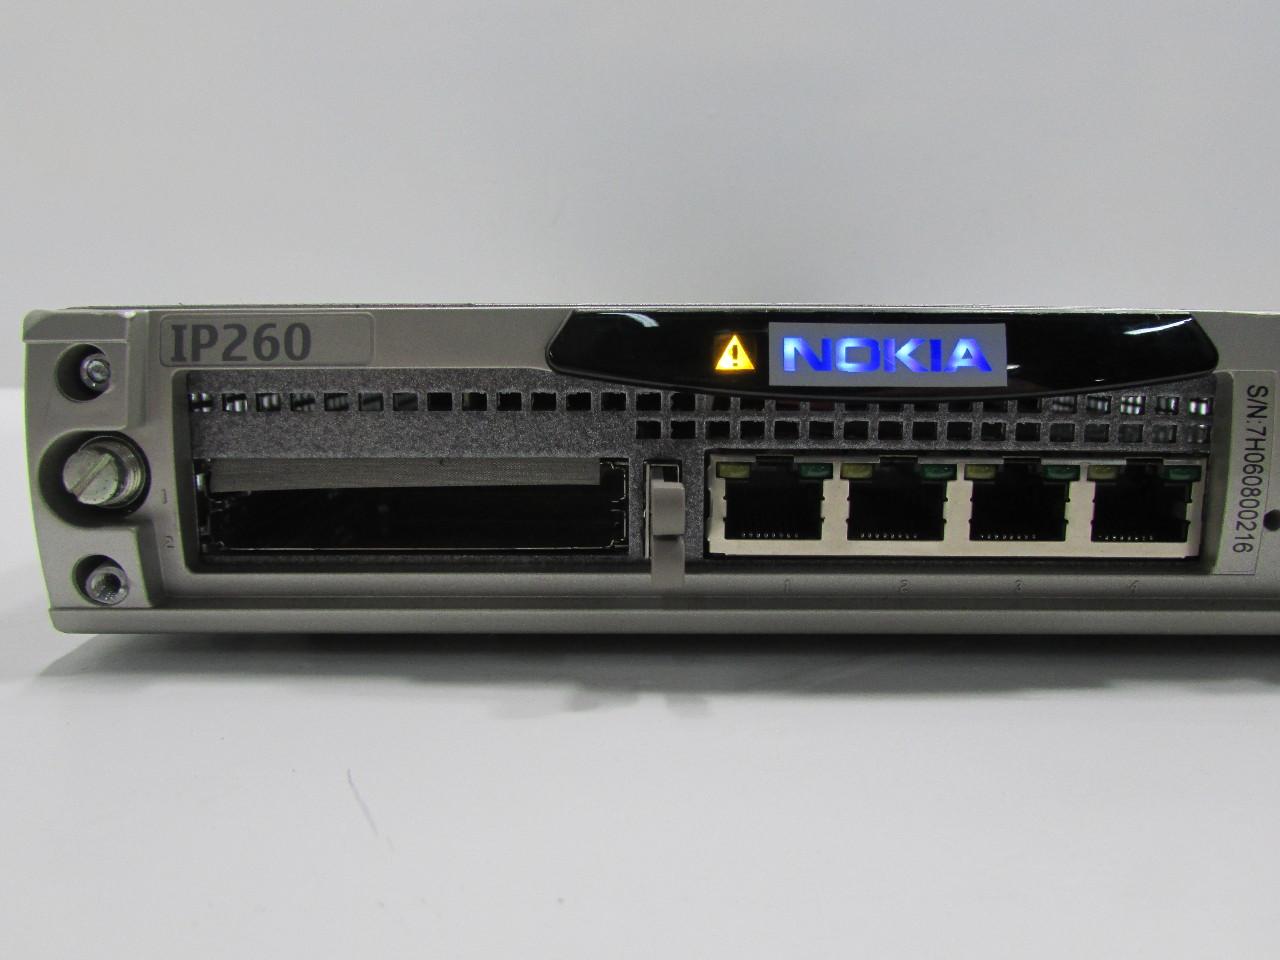 NOKIA IP260 EM5400 4 PORT ETHERNET 1U VPN IP SECURITY FIREWALL ...